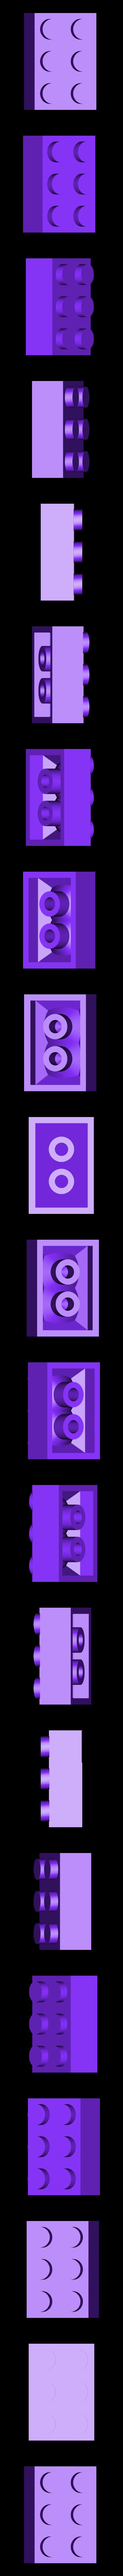 3x2brick.STL Télécharger fichier STL gratuit Blocs de lettres multicolores Lego • Plan pour impression 3D, MosaicManufacturing